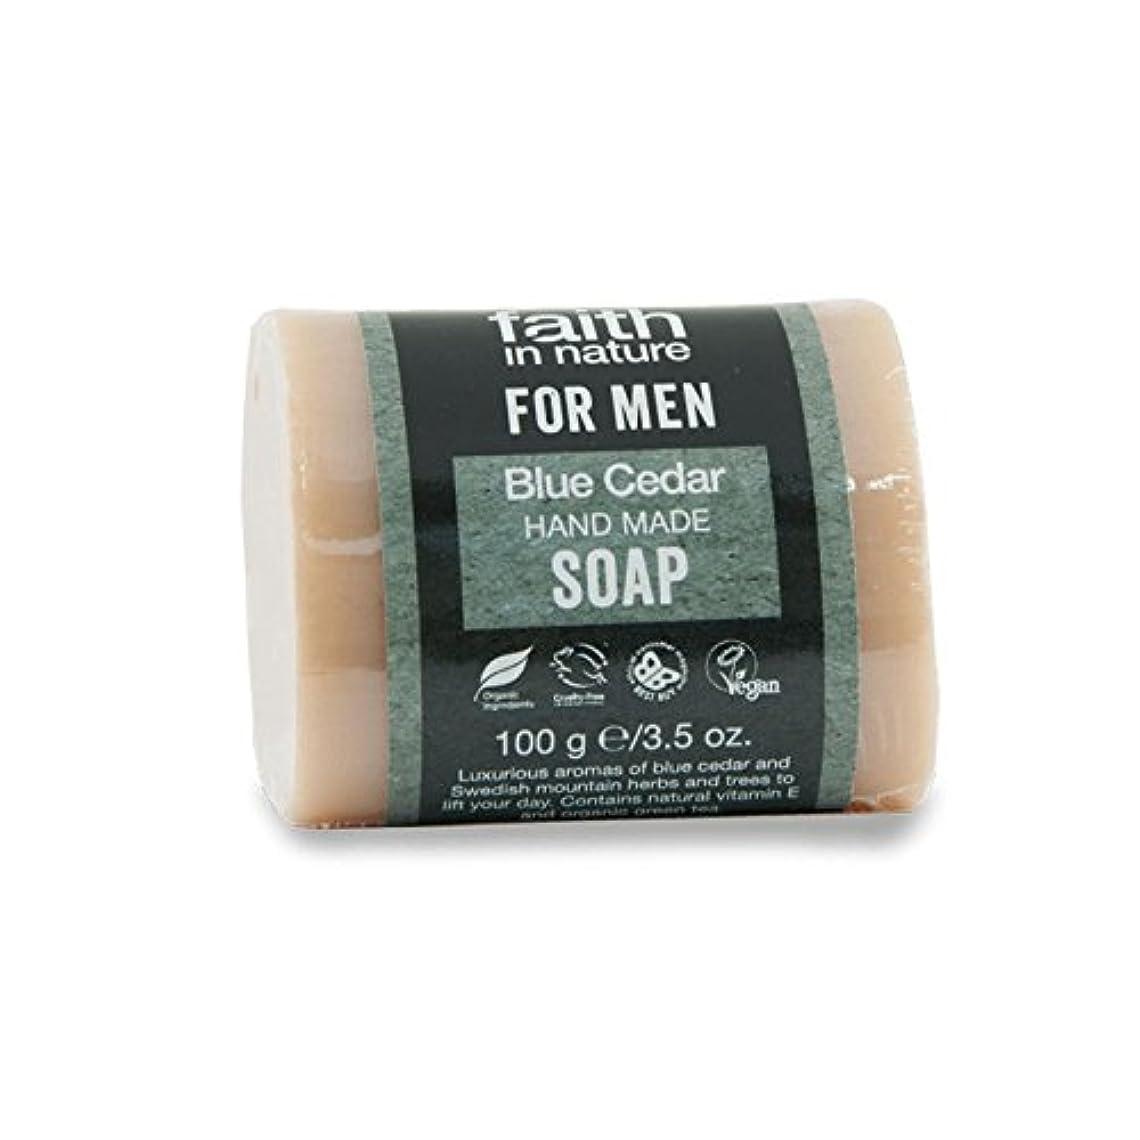 受賞リス恐ろしいですFaith in Nature for Men Blue Cedar Soap 100g (Pack of 6) - 男性青杉の石鹸100グラムのための自然の中で信仰 (x6) [並行輸入品]